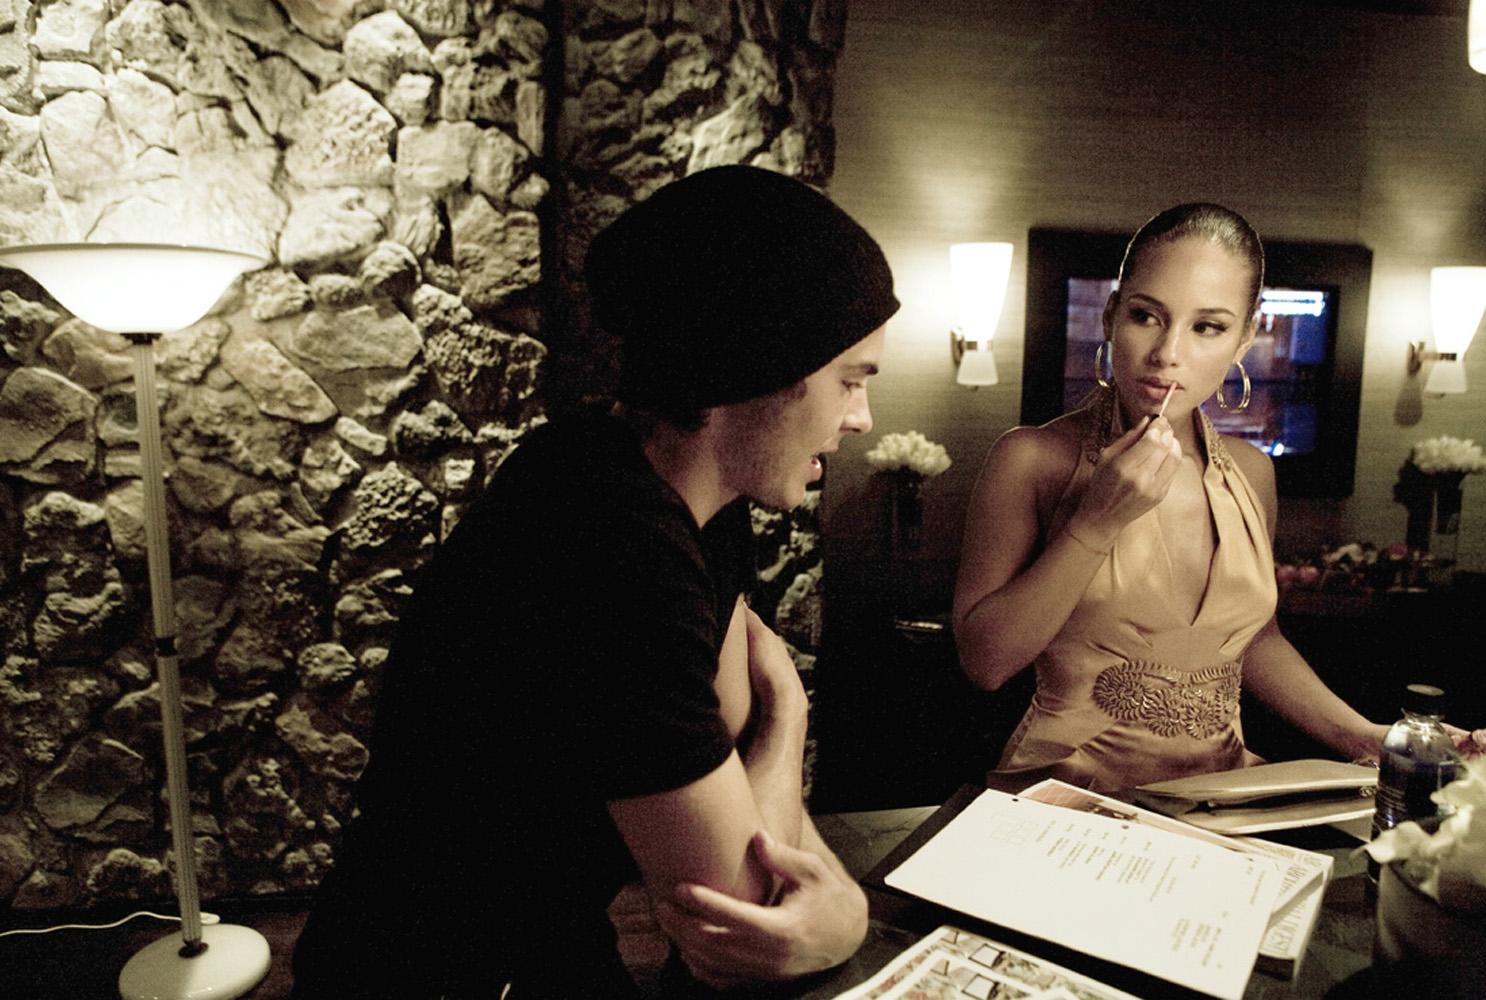 034014-CELEB-Zach-Efron-and-Alicia-Keys.jpg